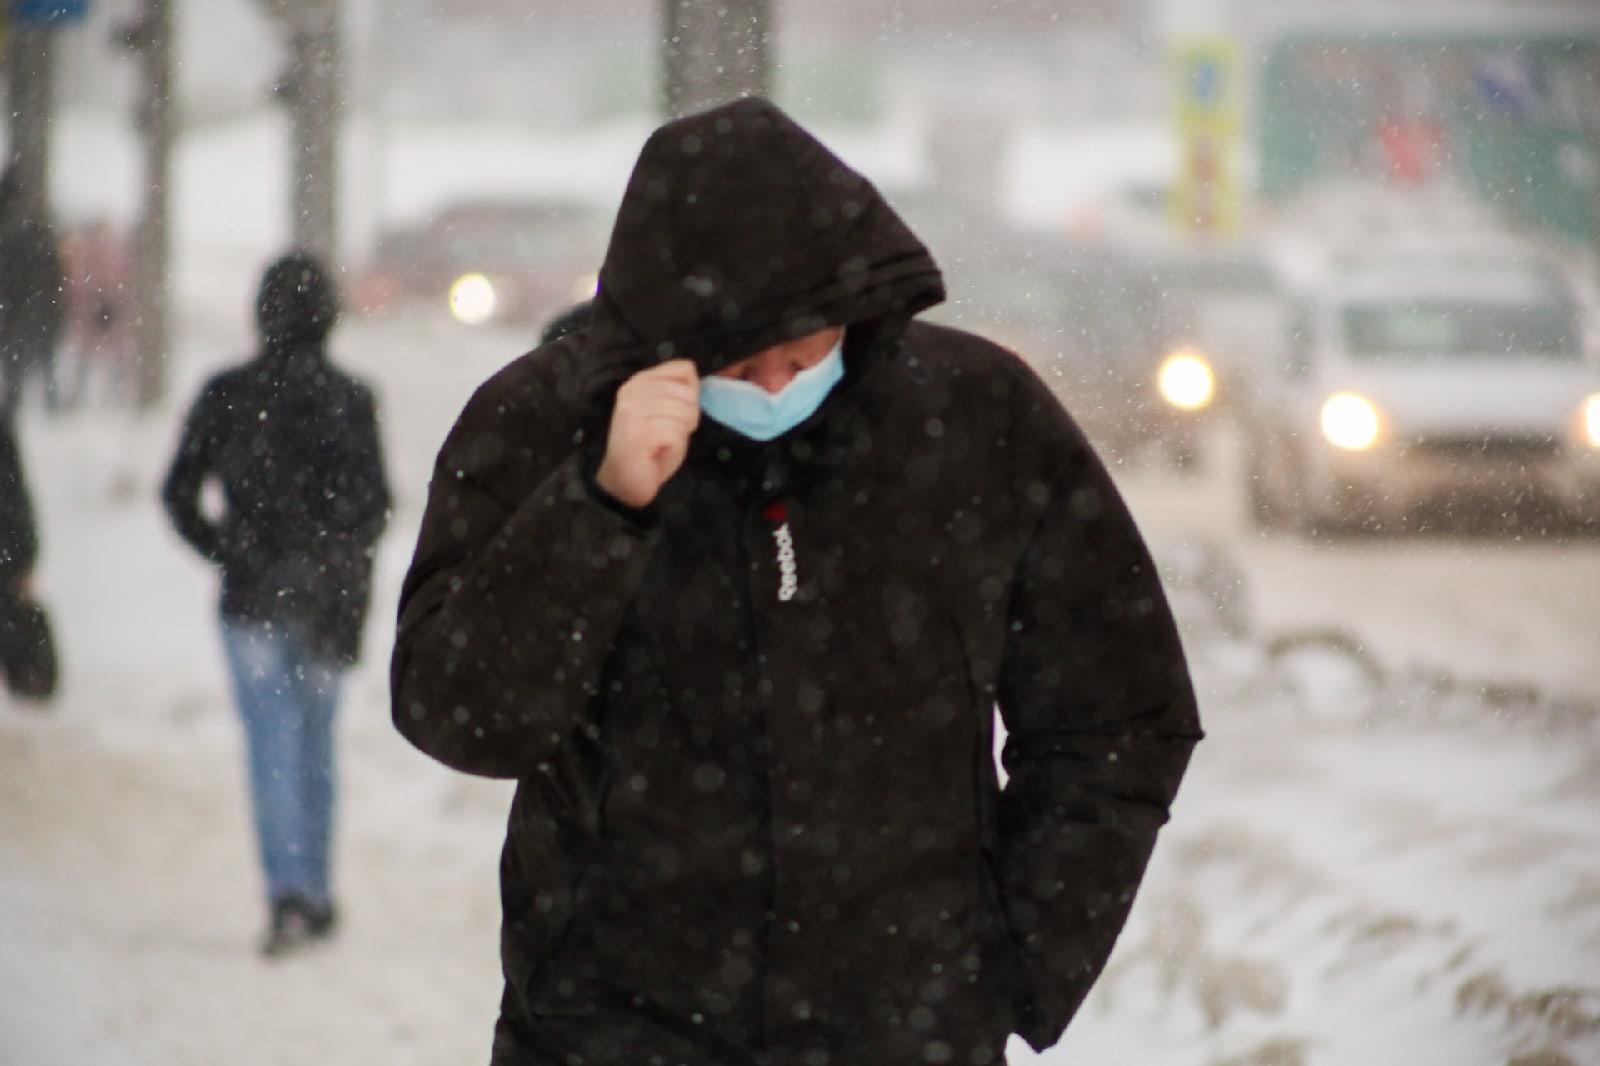 фото Новосибирск накрыла ледяная буря: 10 фото из снежного плена 6